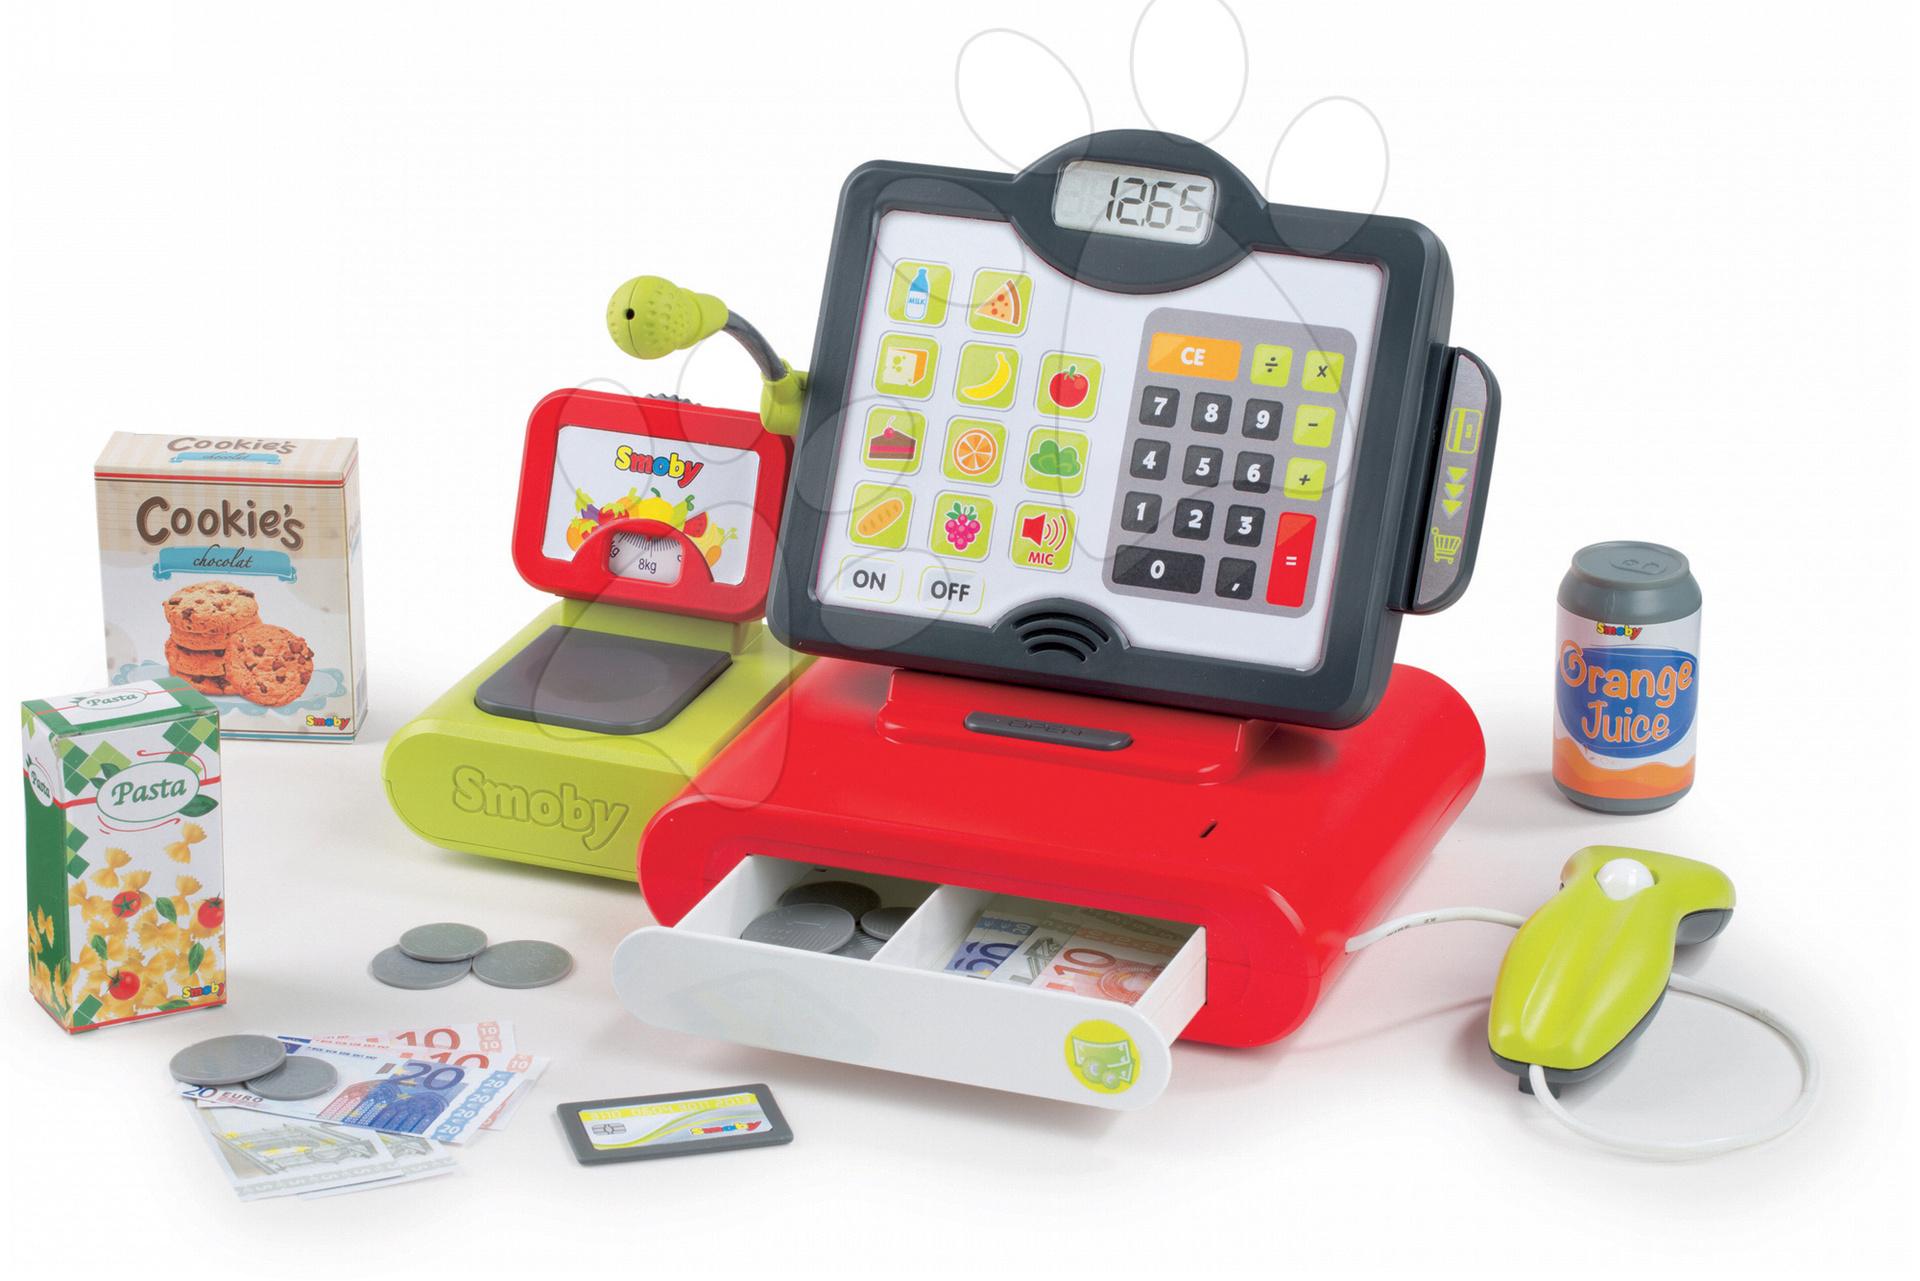 Obchody pre deti - Pokladňa Marchande Smoby elektronická so zvukom, váhou, čítačkou kódov a 25 doplnkami červená